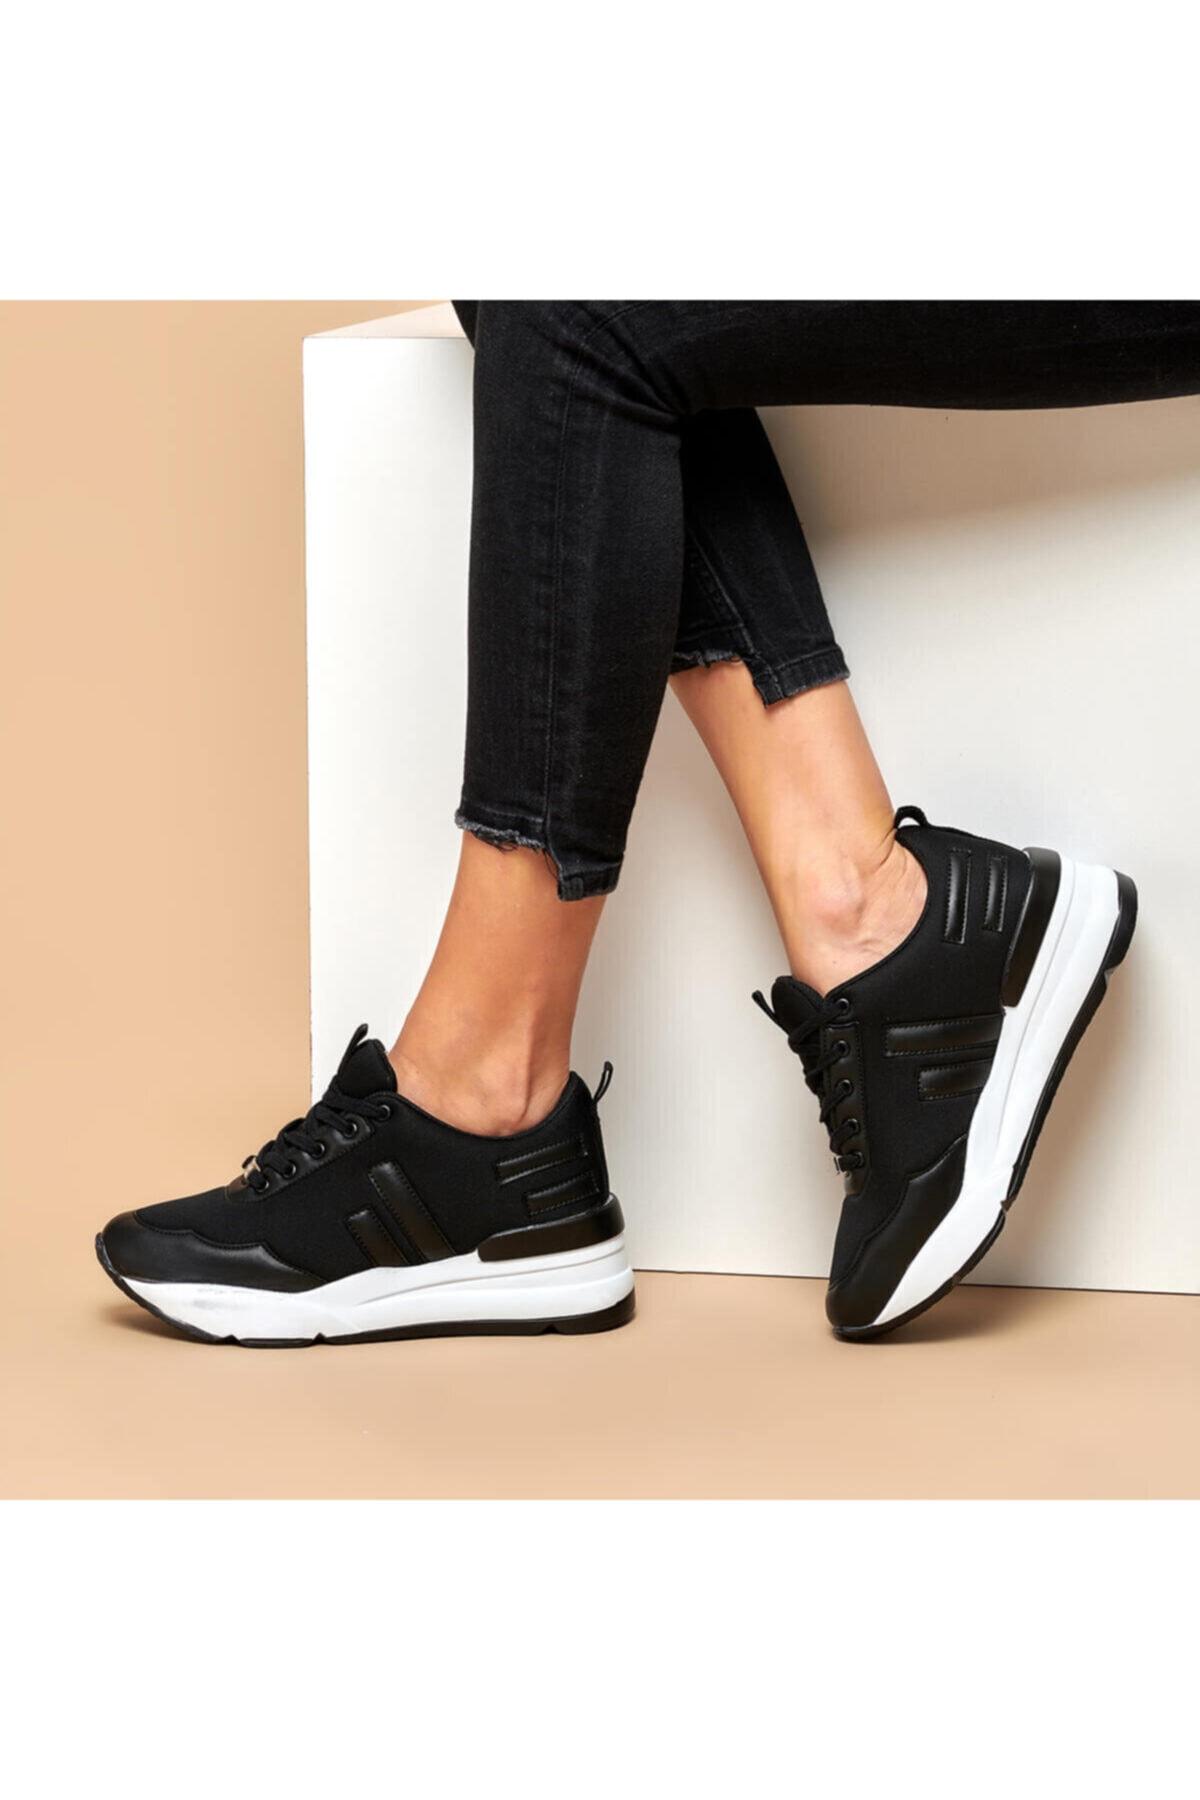 Z003-19k Siyah Kadın Sneaker Ayakkabı